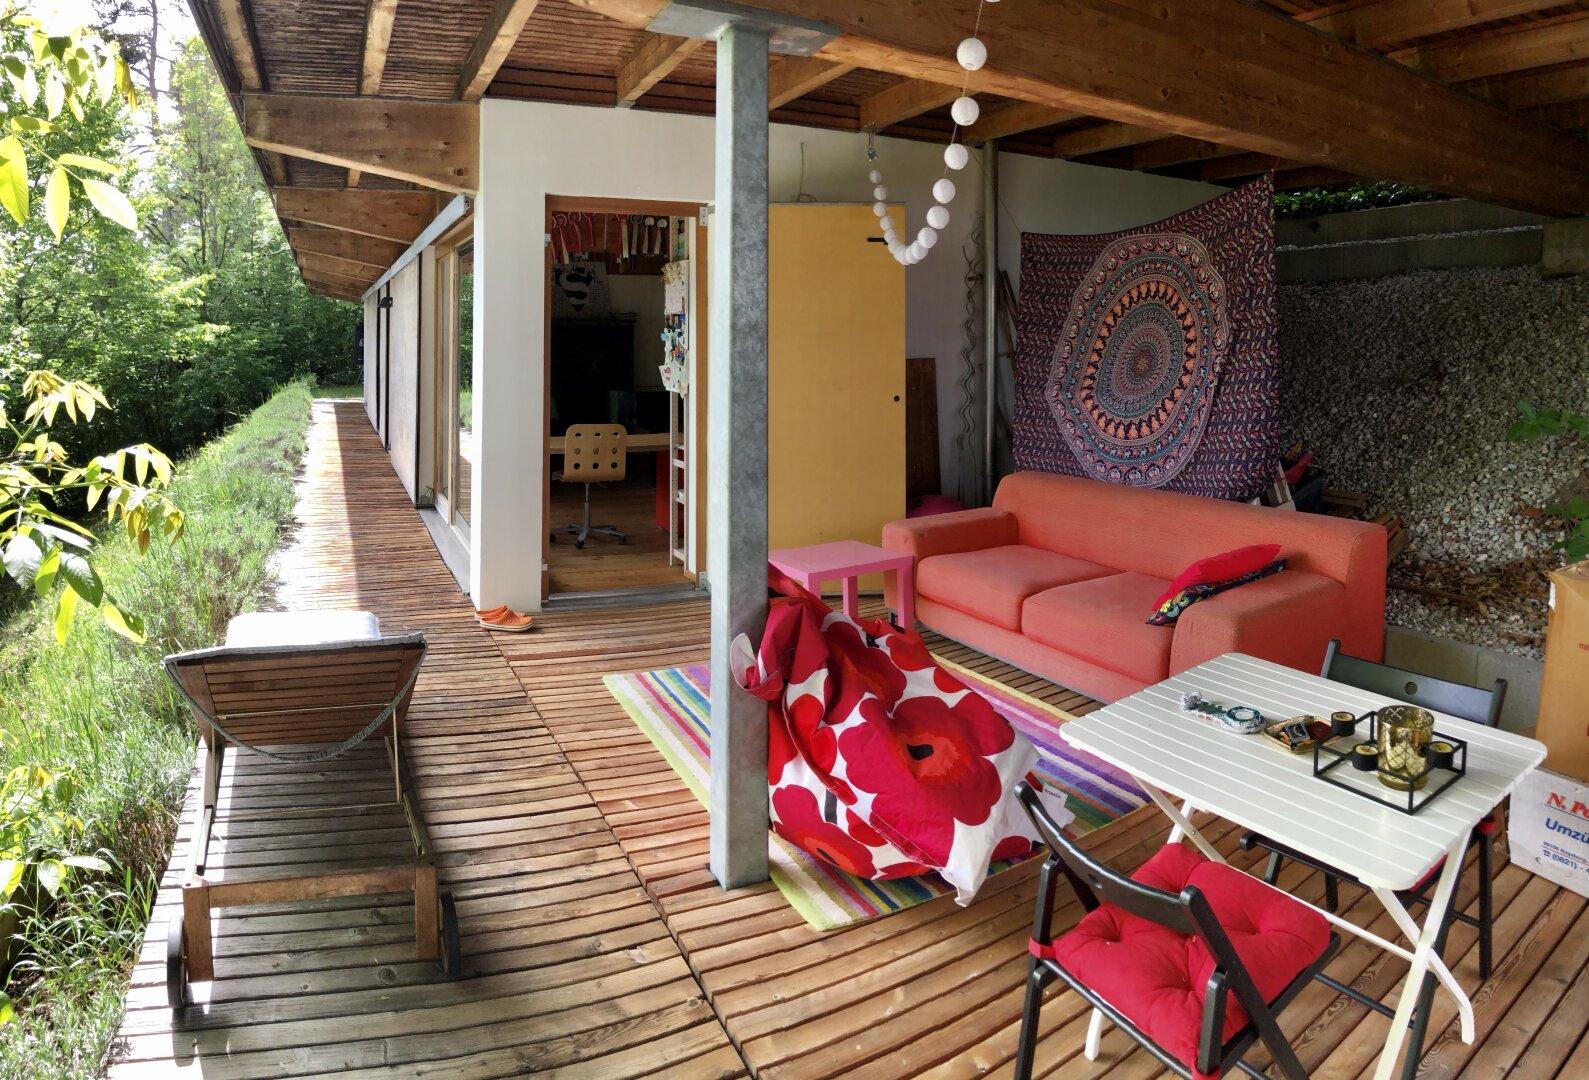 gemütliche Terrasse mit kleinem Garten